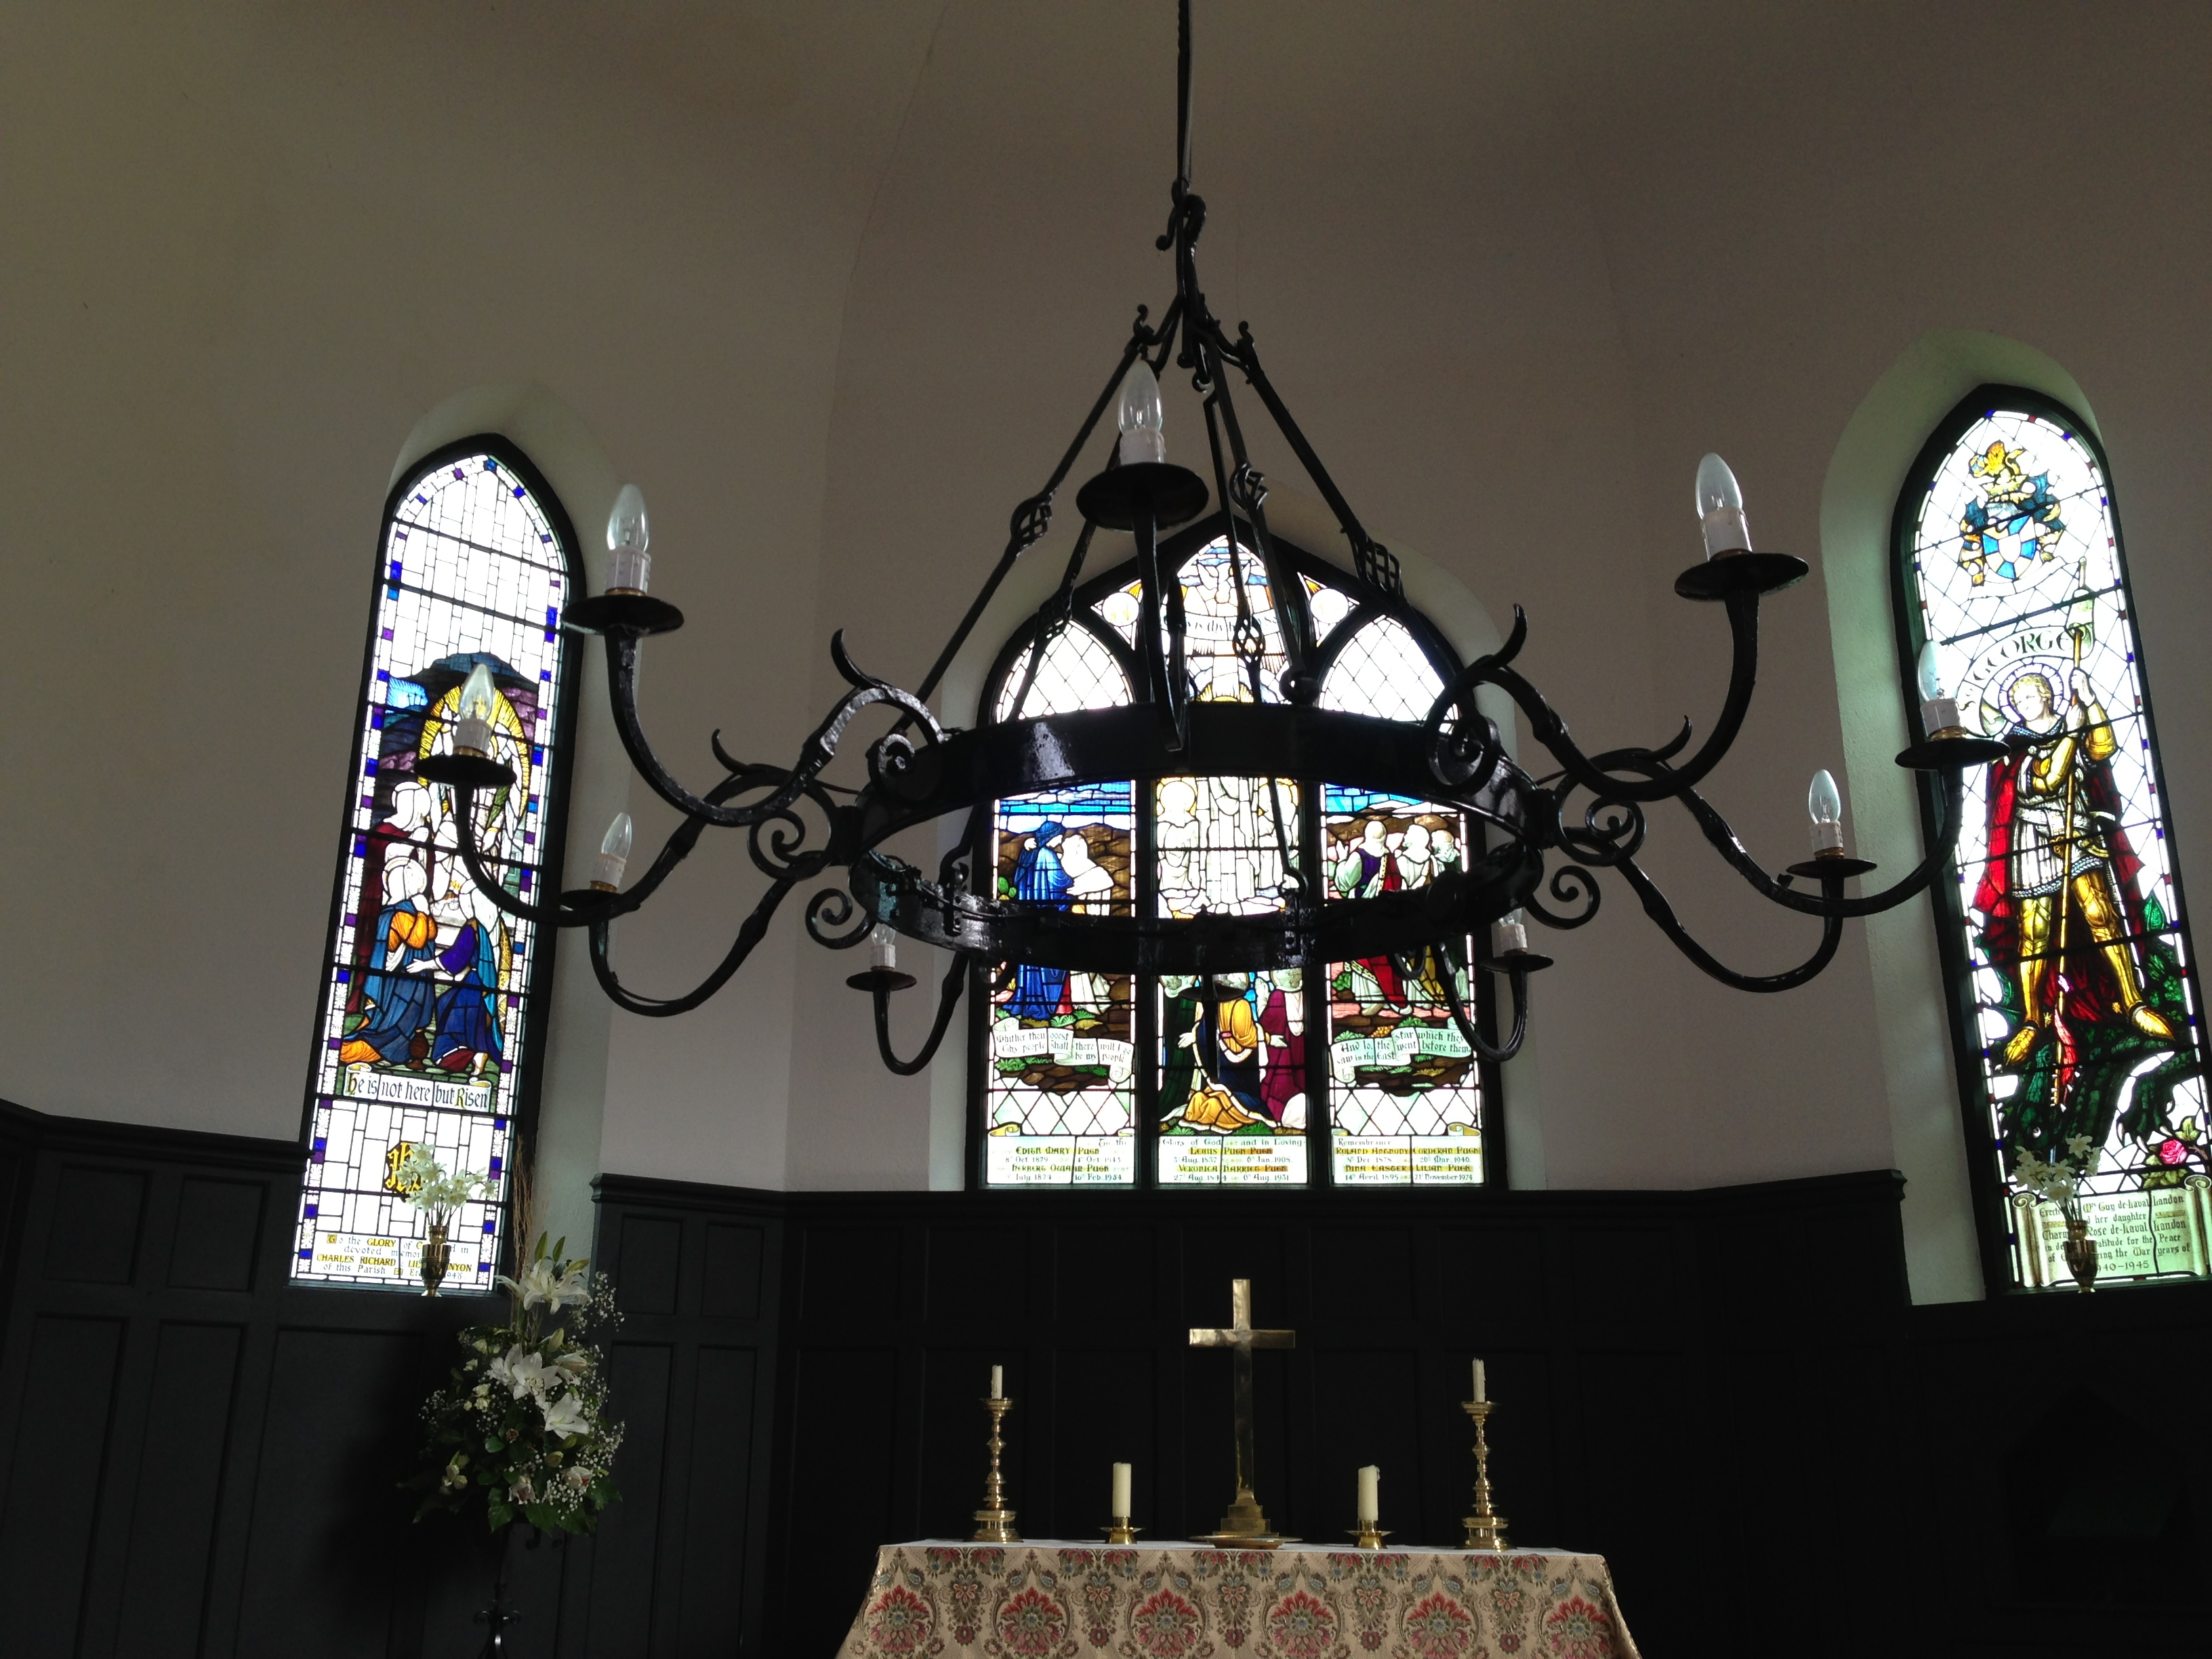 Eglwys Sant Mihangel, Eglwysfach